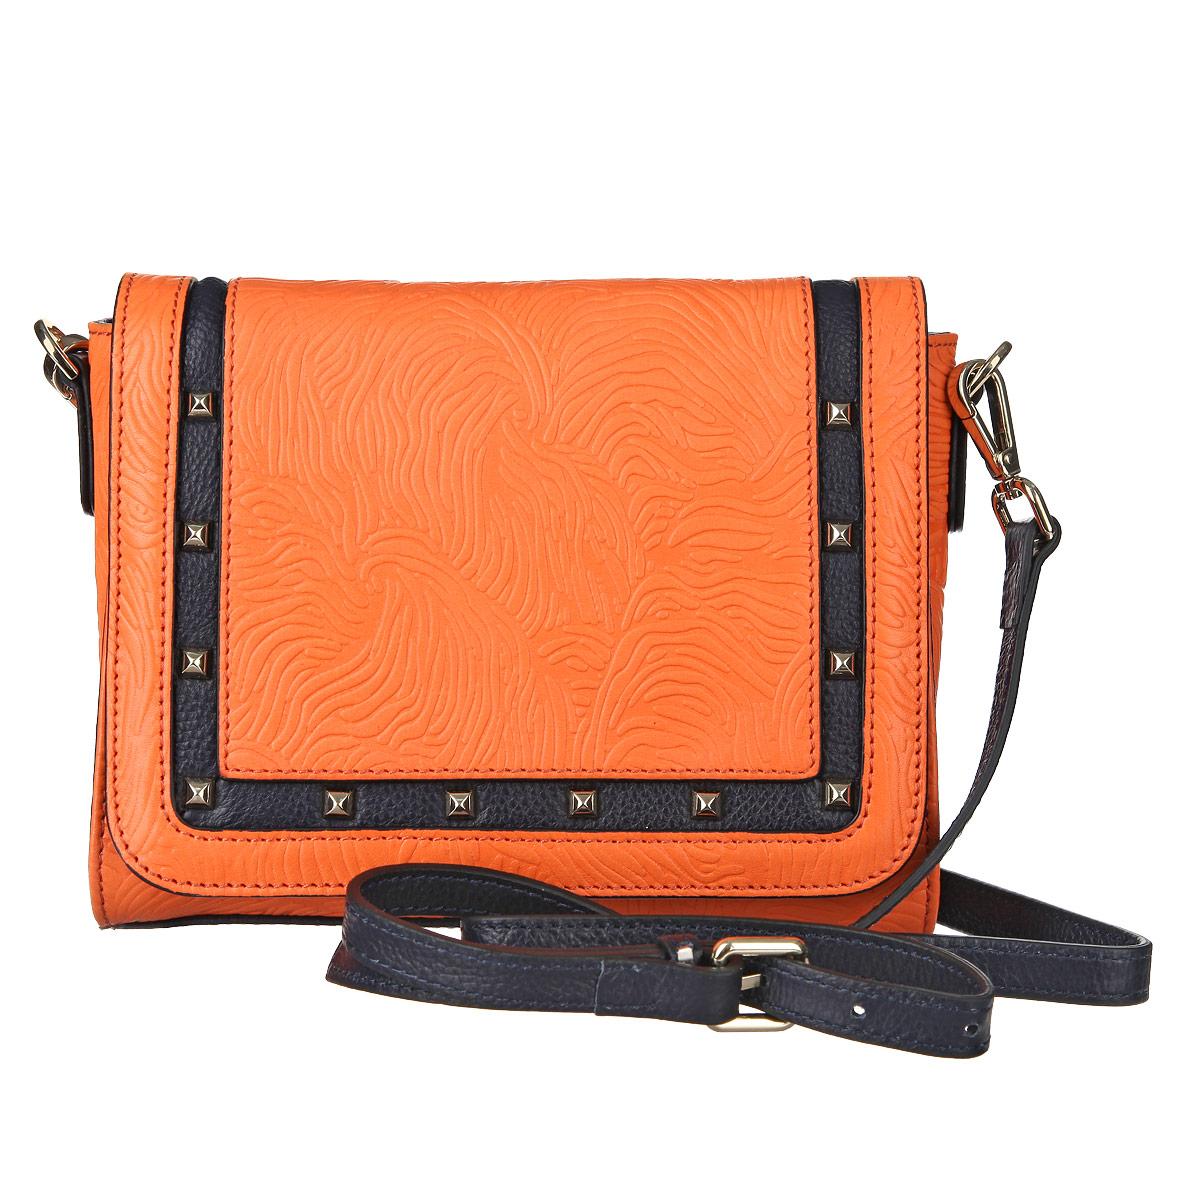 Сумка женская Eleganzza, цвет: оранжевый. ZK21-1029ZK21-1029Женская миниатюрная сумка  Eleganzza  выполнена из натуральной кожи с декоративным тиснением. Сумка украшена вставкой из черной кожи, декорированной металлическими элементами. Сумка состоит из одного отделения, закрывающегося на клапан с магнитной застежкой. В отделении есть два накладных кармашка для мелочей и телефона и врезной карман на застежке-молнии. Сумка имеет съемный плечевой ремешок. В комплекте чехол для хранения. Сумка - это стильный аксессуар, который подчеркнет вашу изысканность и индивидуальность и сделает ваш образ завершенным.